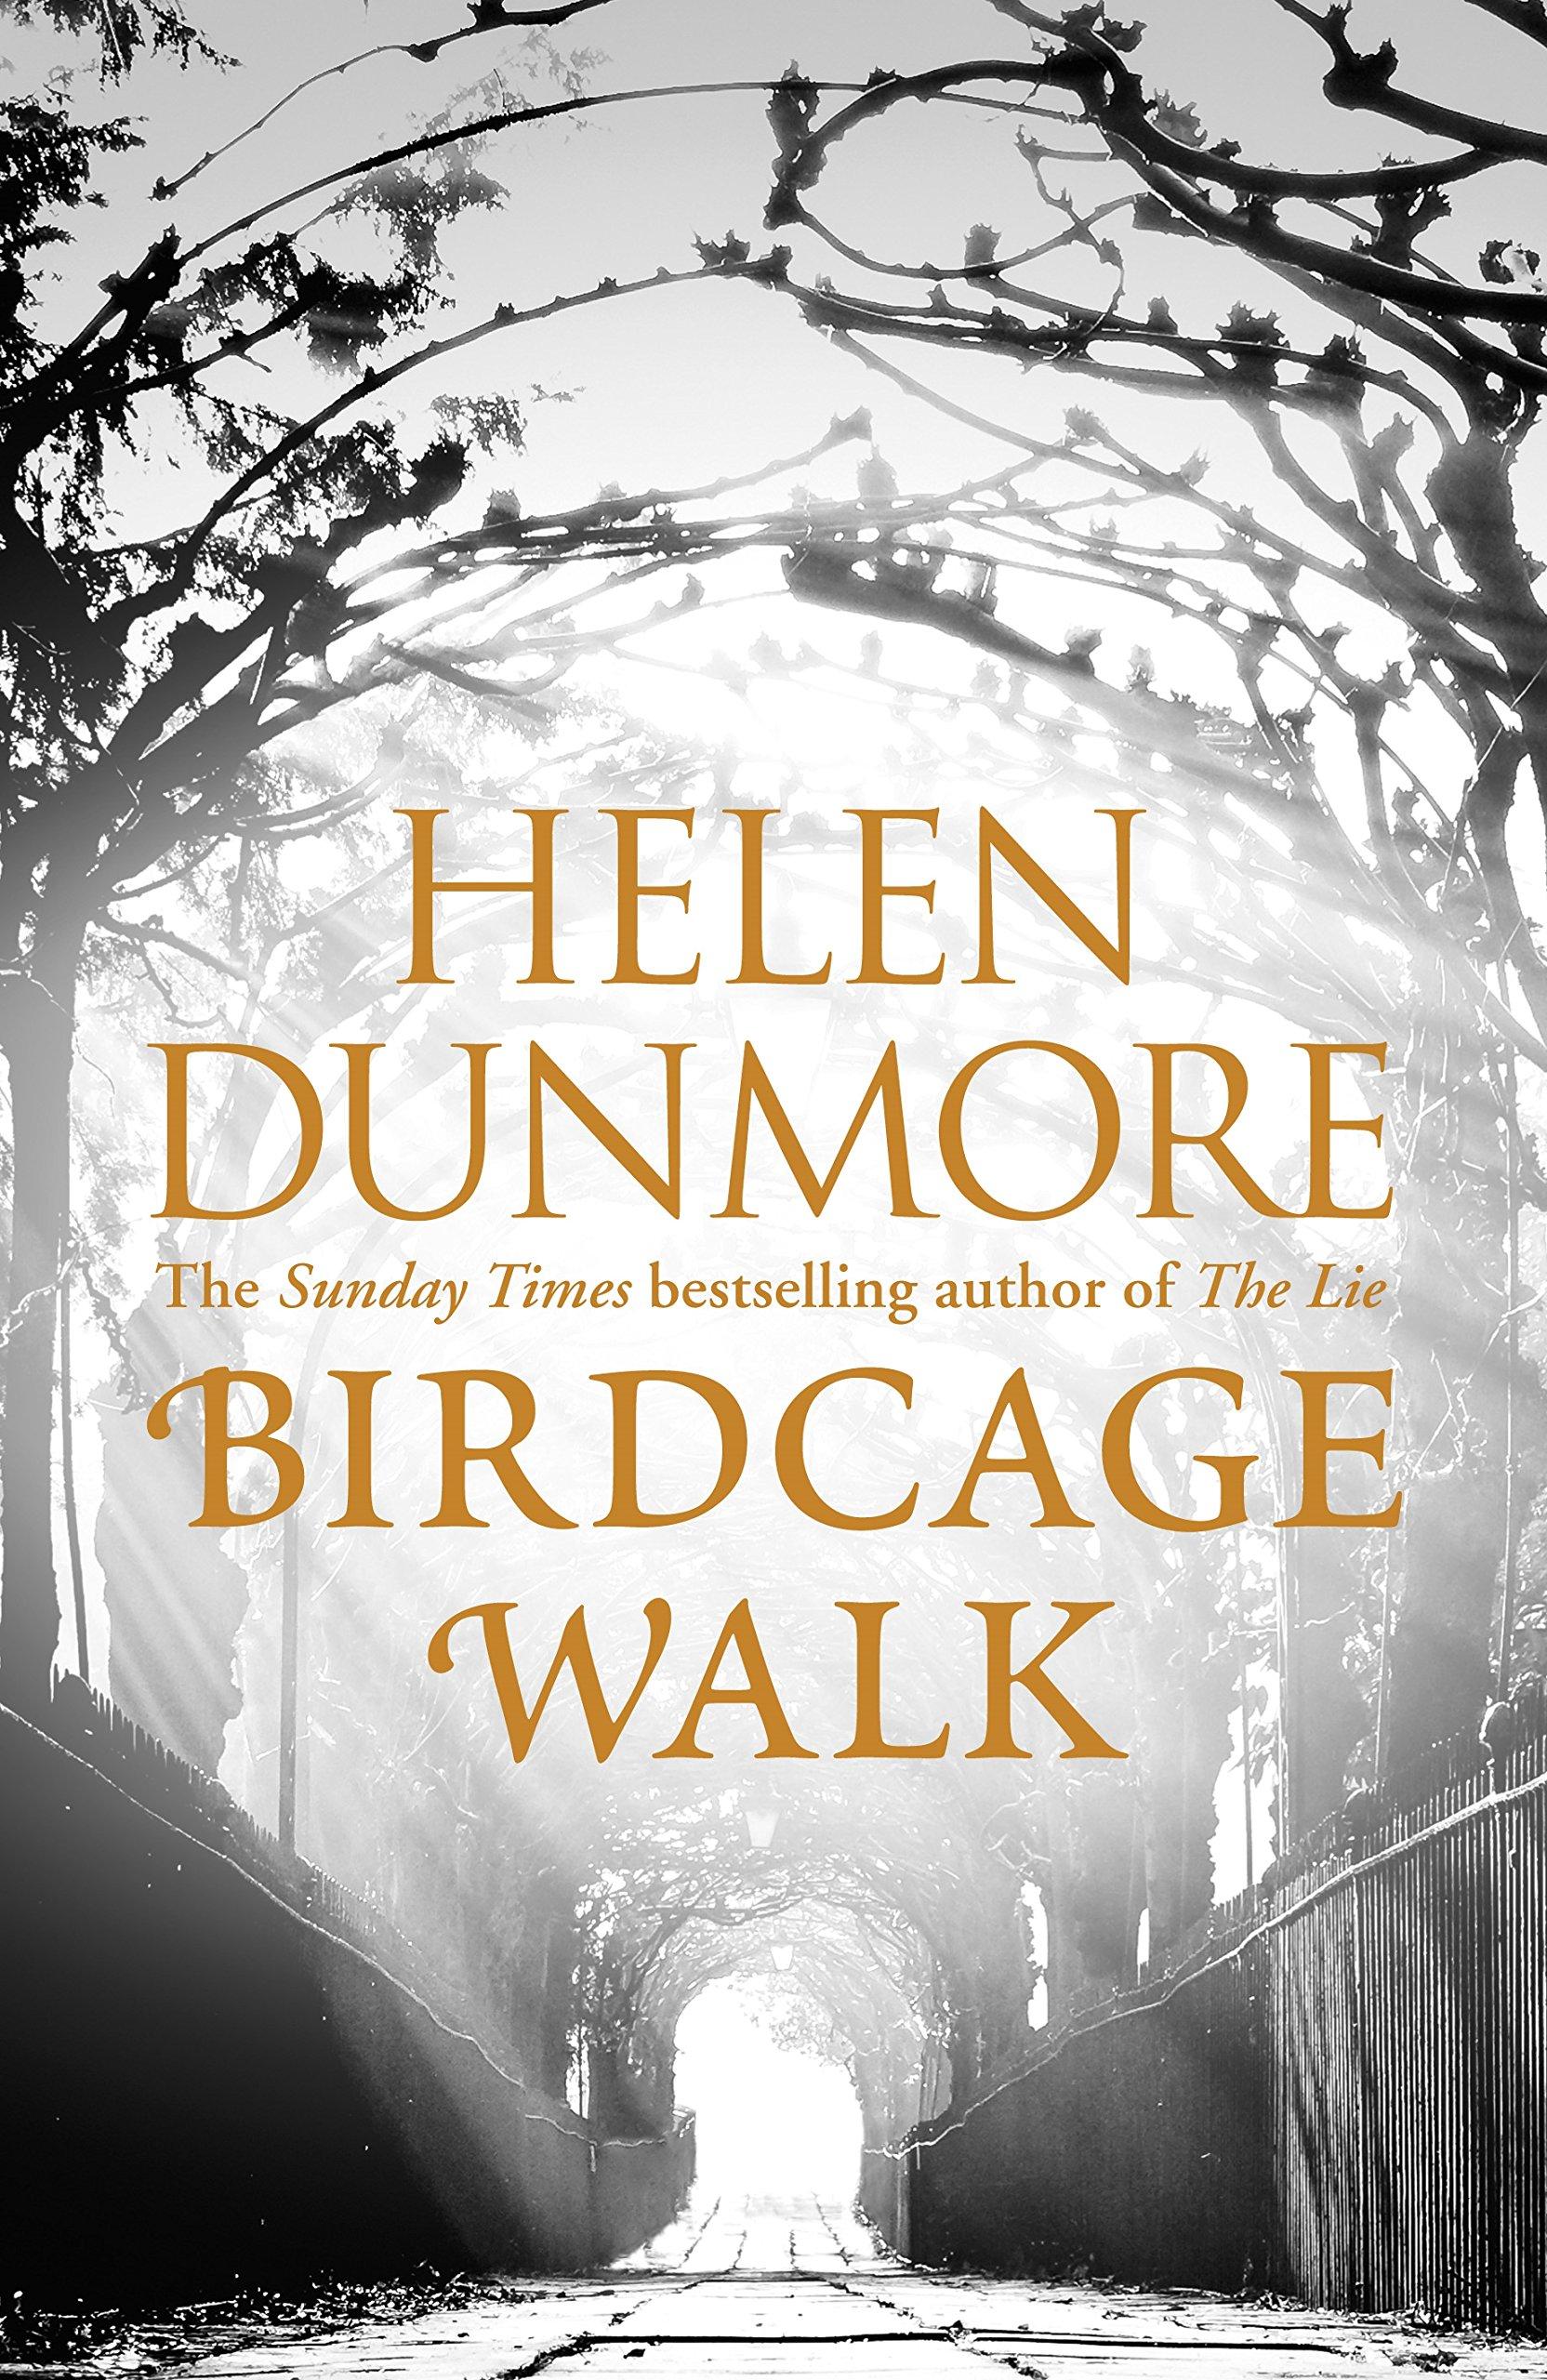 birdcage walk.jpg